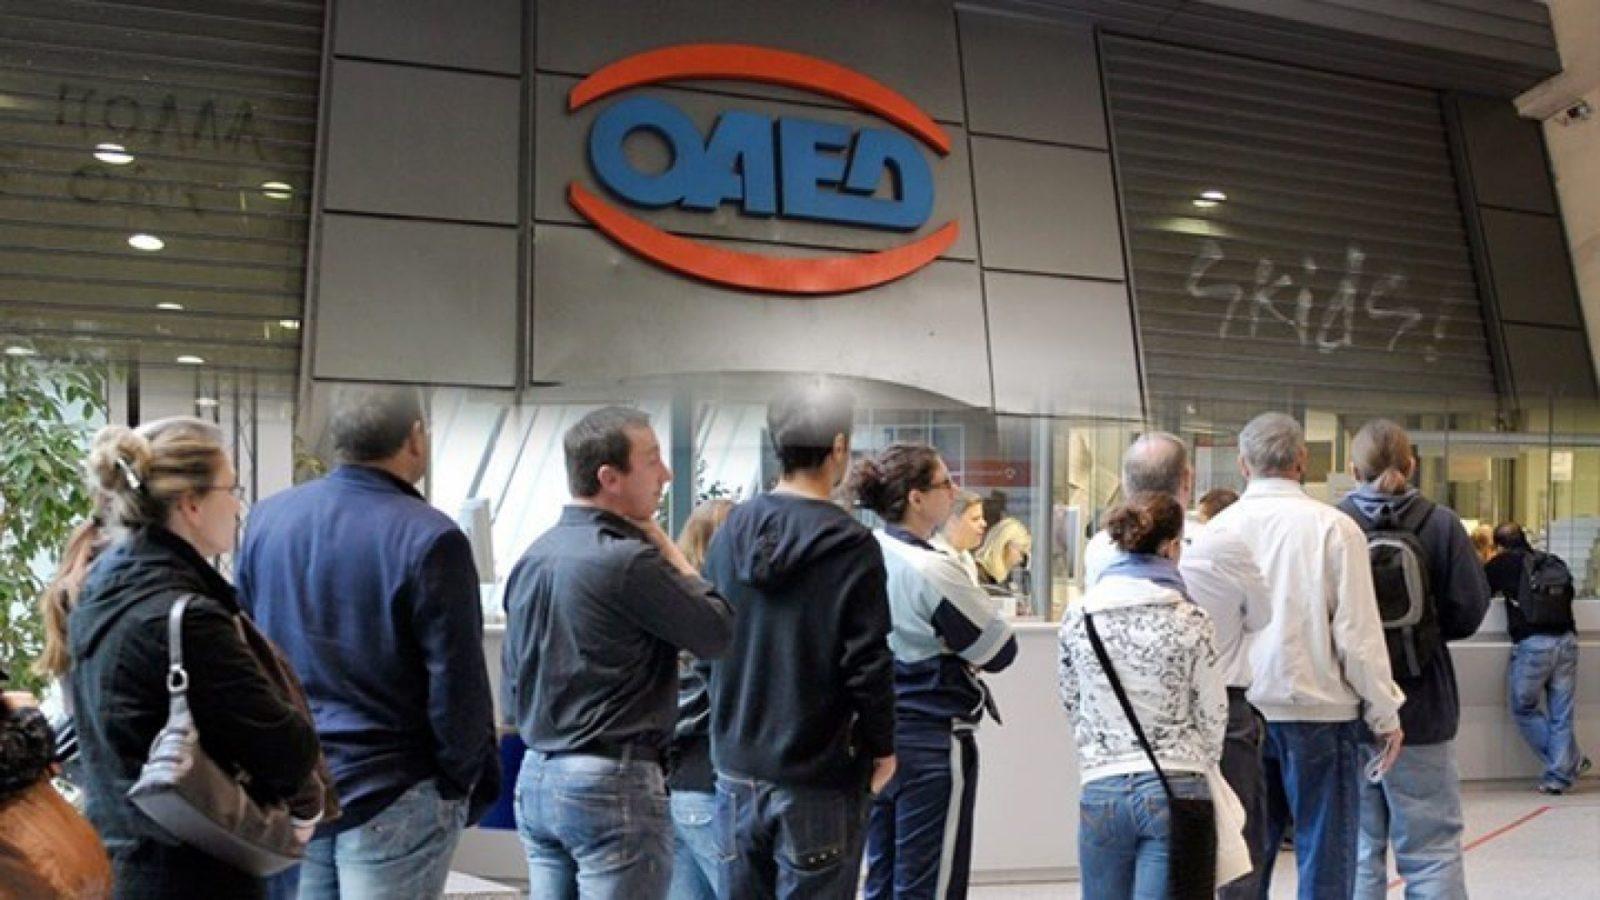 ΟΑΕΔ: Αυτά είναι τα νέα προγράμματα για ανέργους - Φωτογραφία 1